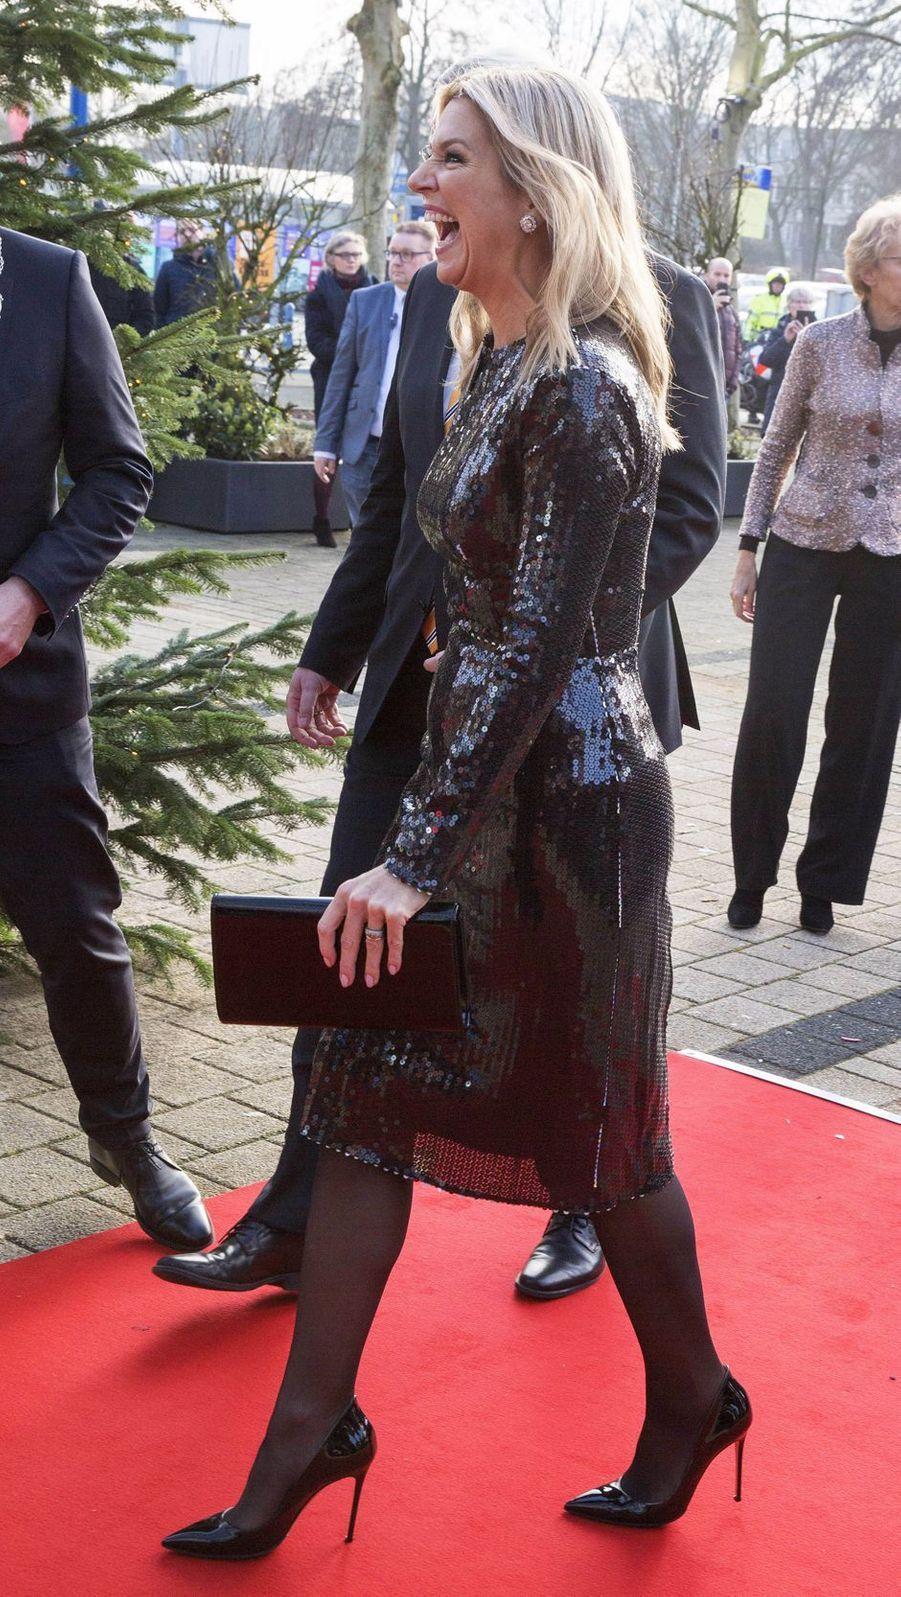 La reine Maxima des Pays-Bas, dans une robe Nina Ricci, à Zwolle le 18 décembre 2019